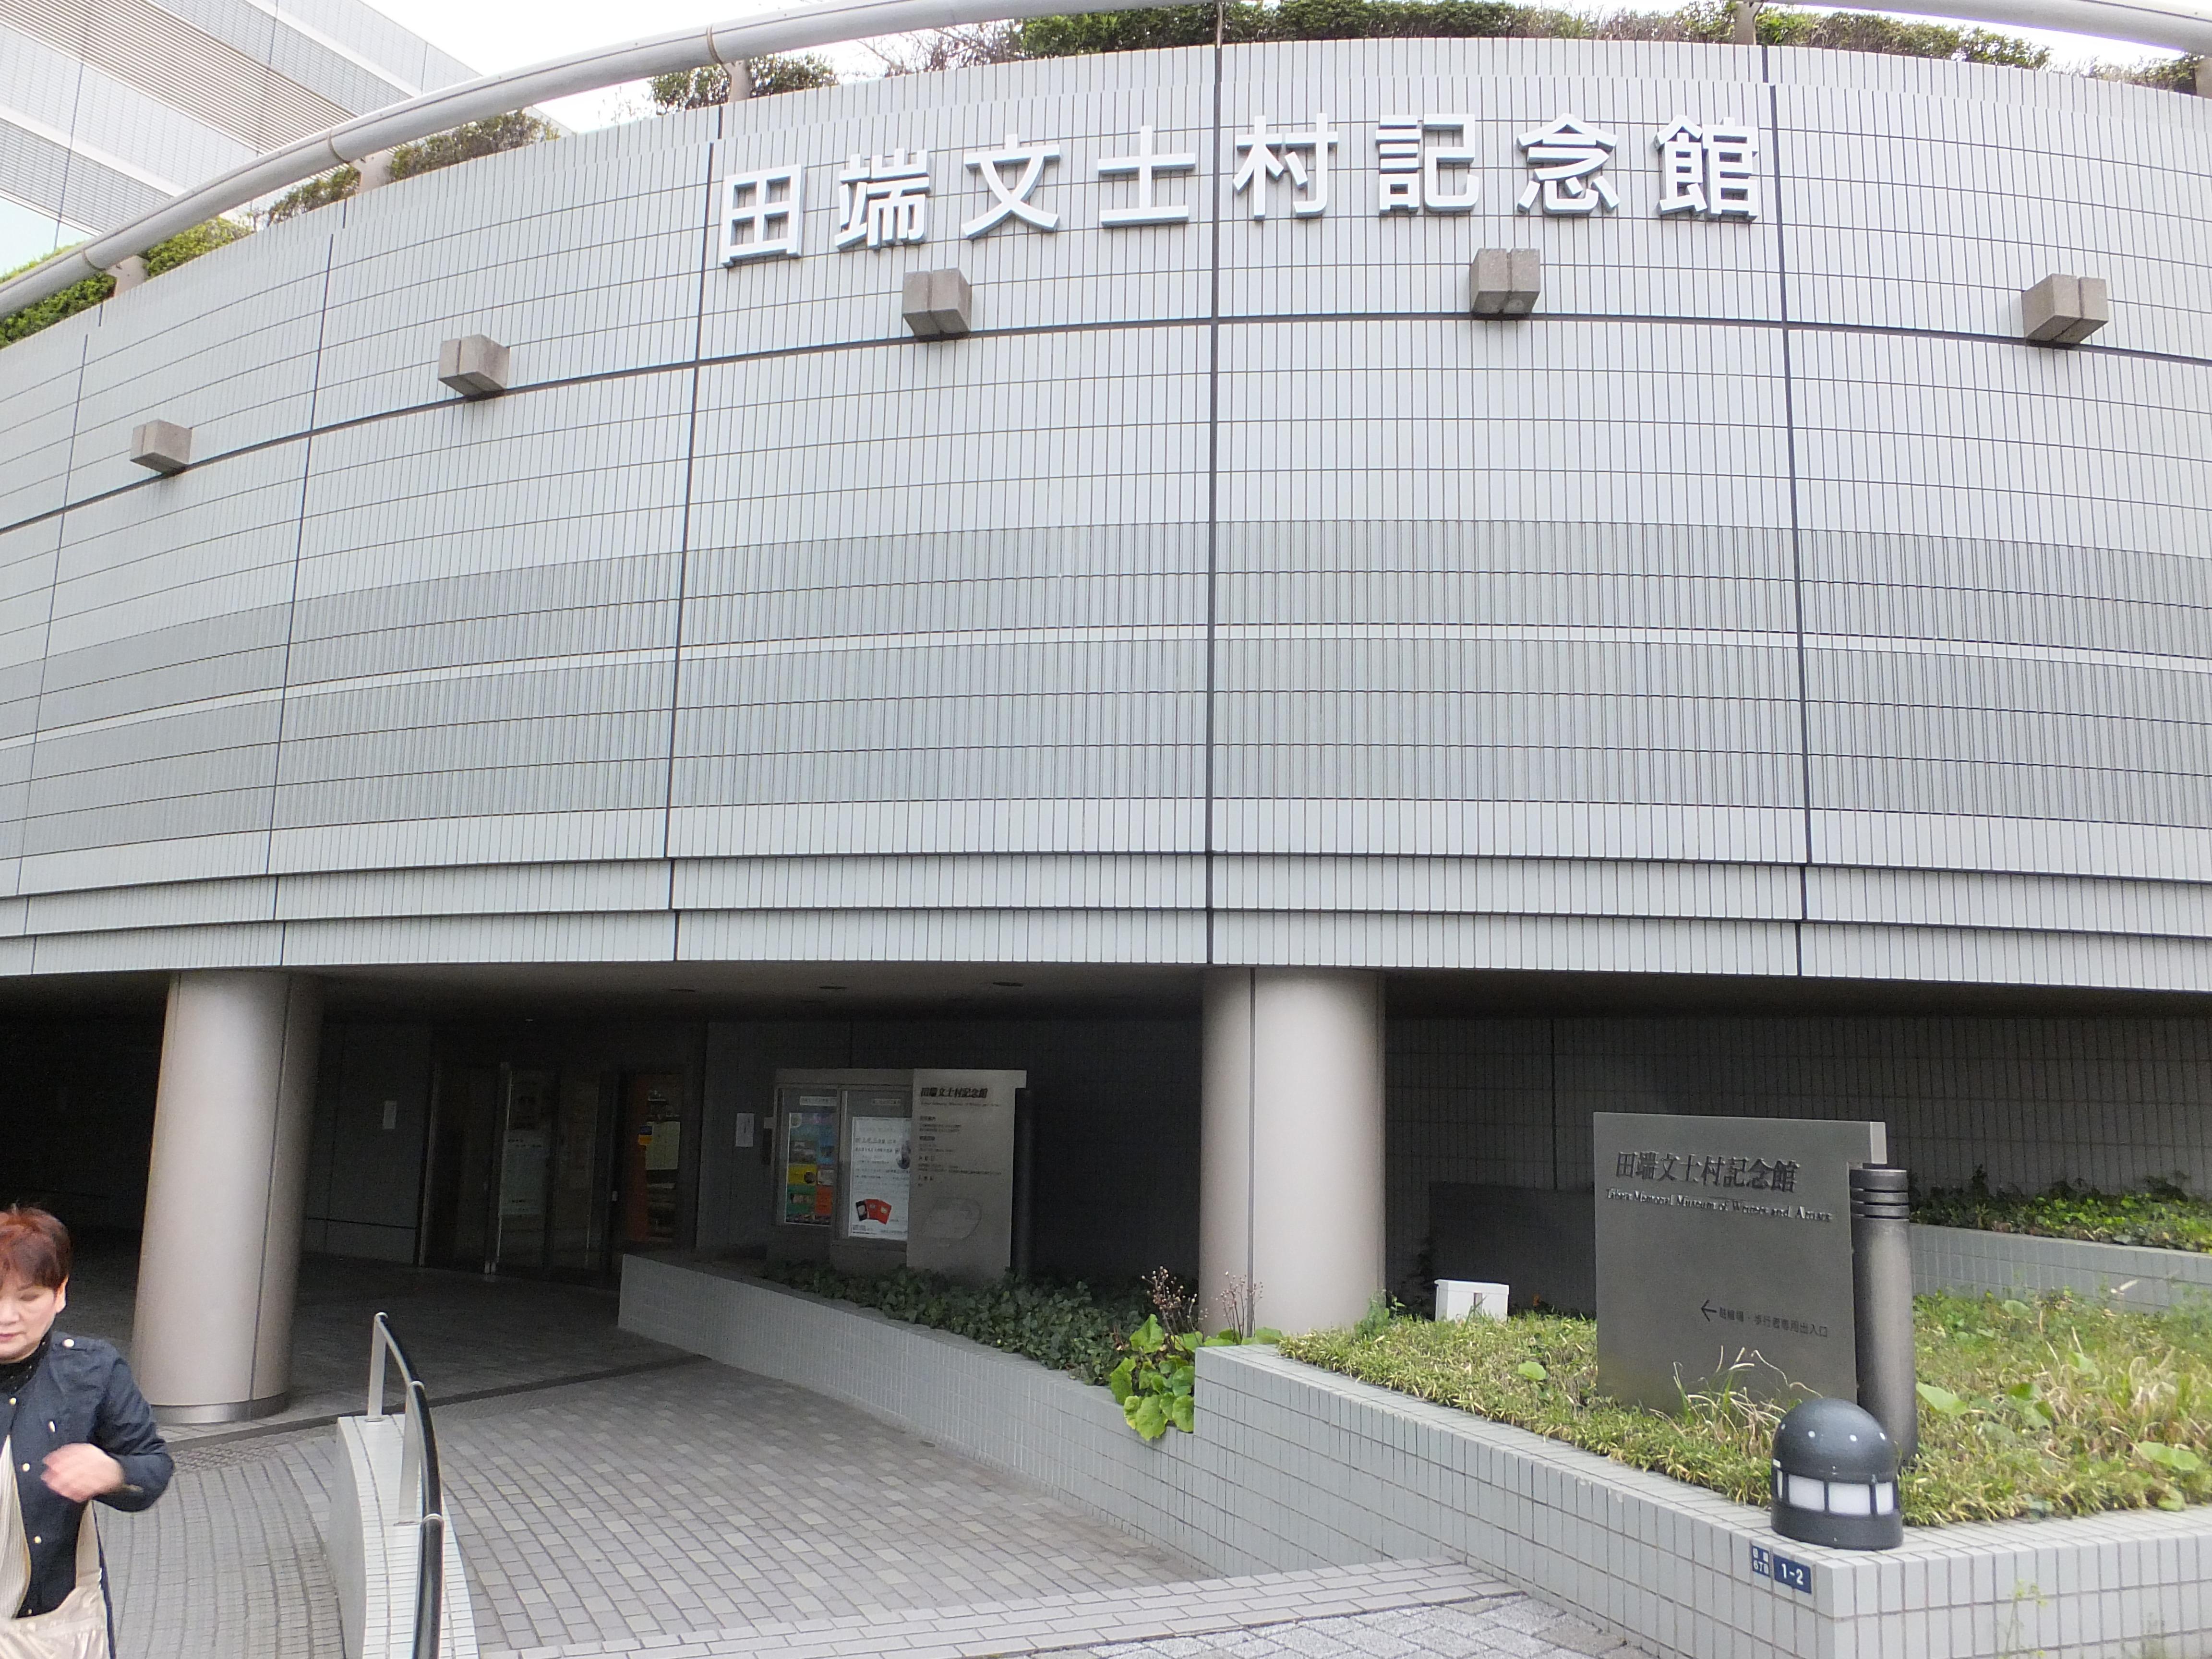 6shikinokai